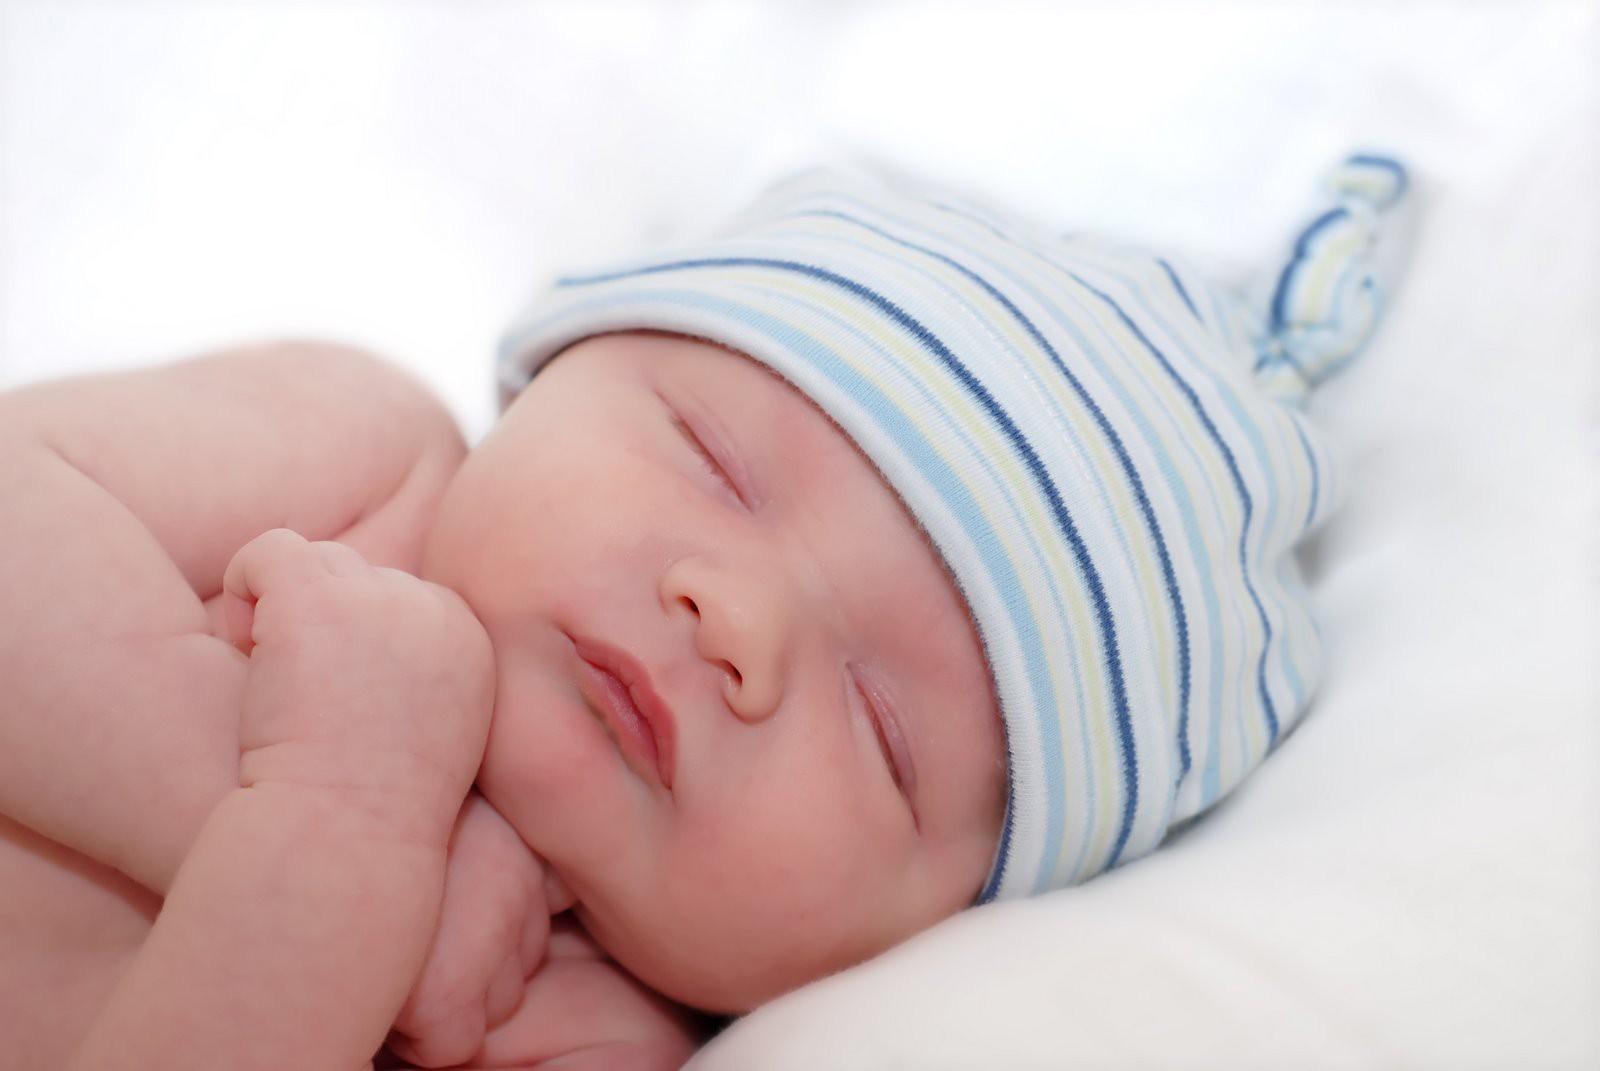 ژنها در خواب شبانه نوزاد نقش دارند